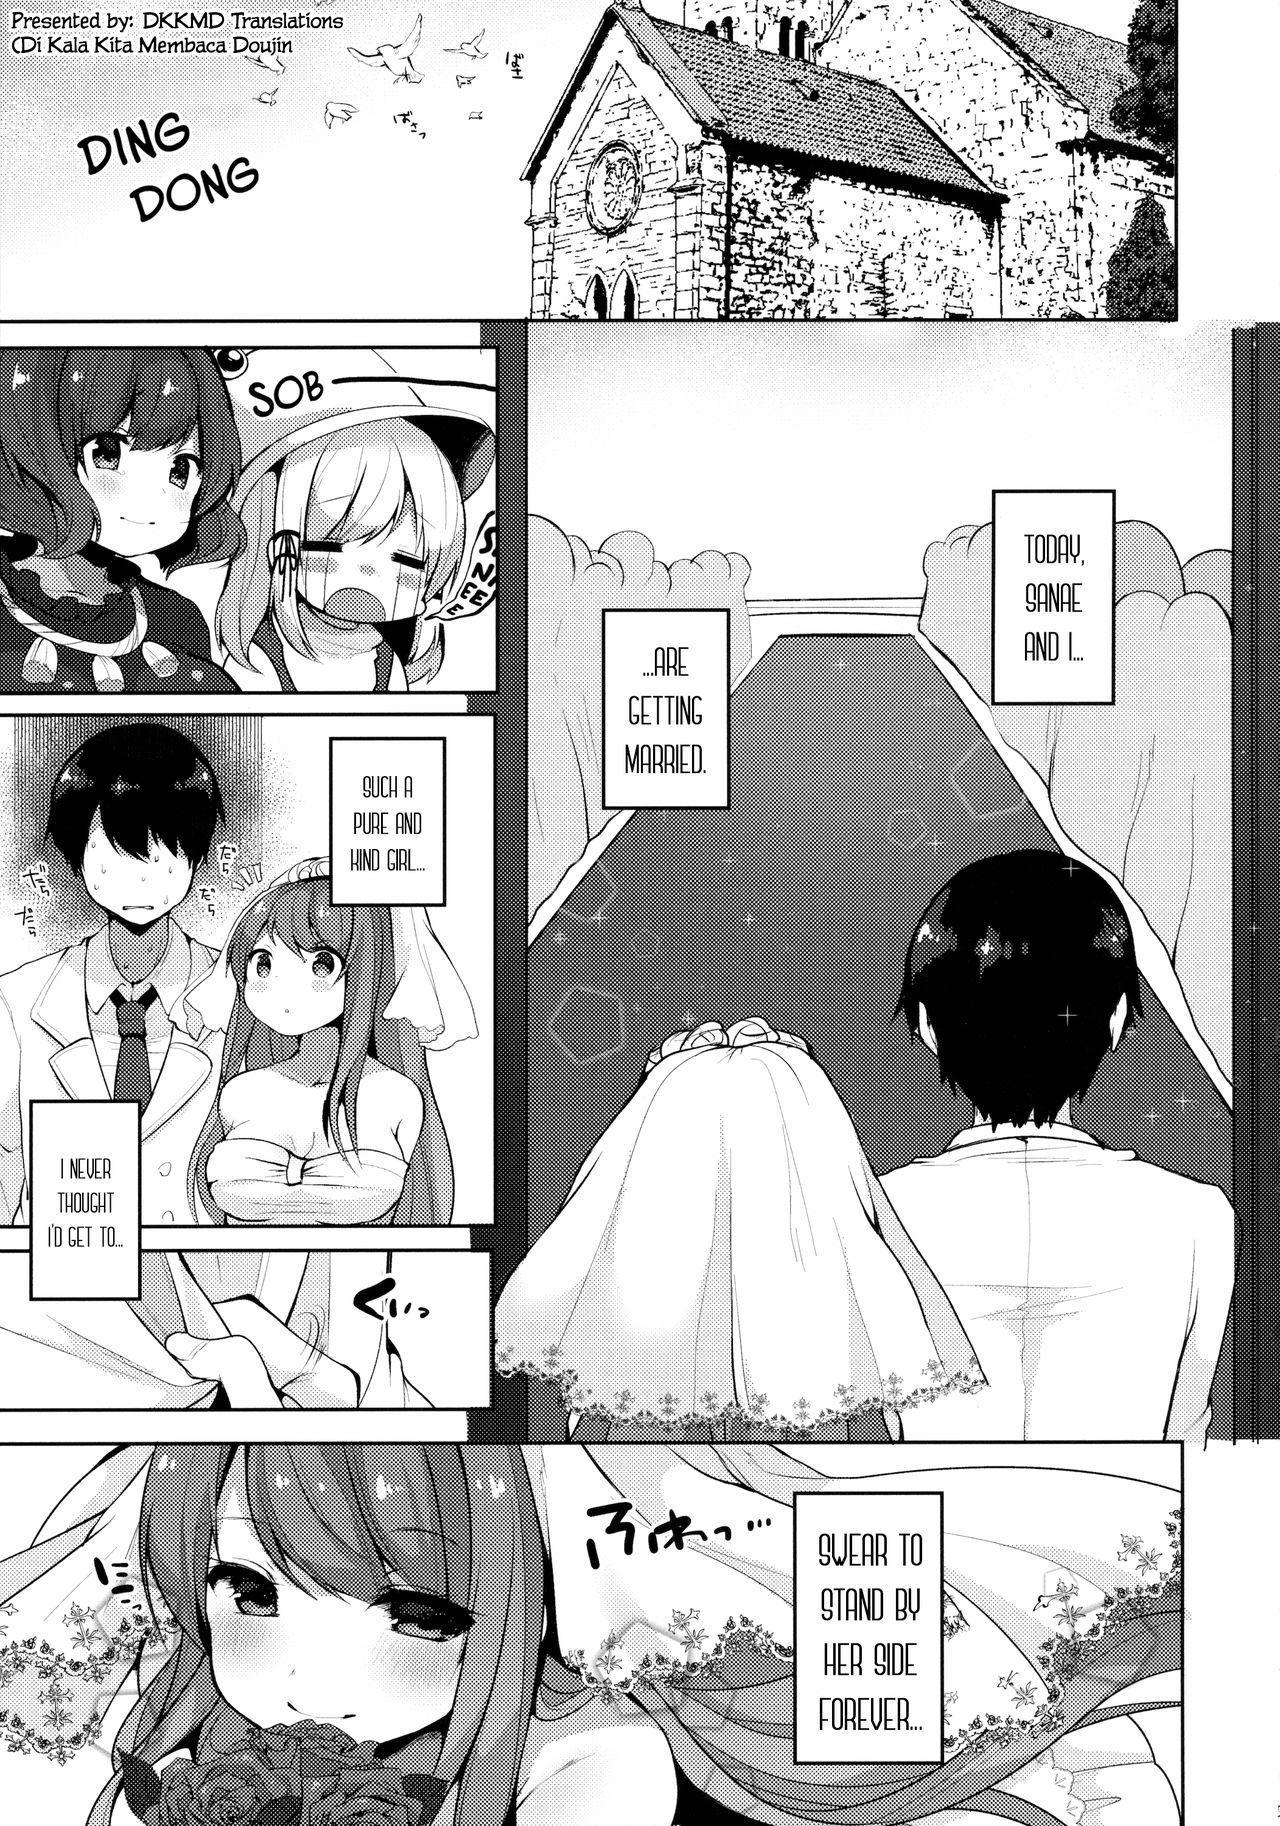 Sanae-san to Sugosu Boku no Shinkon Seikatsu 3